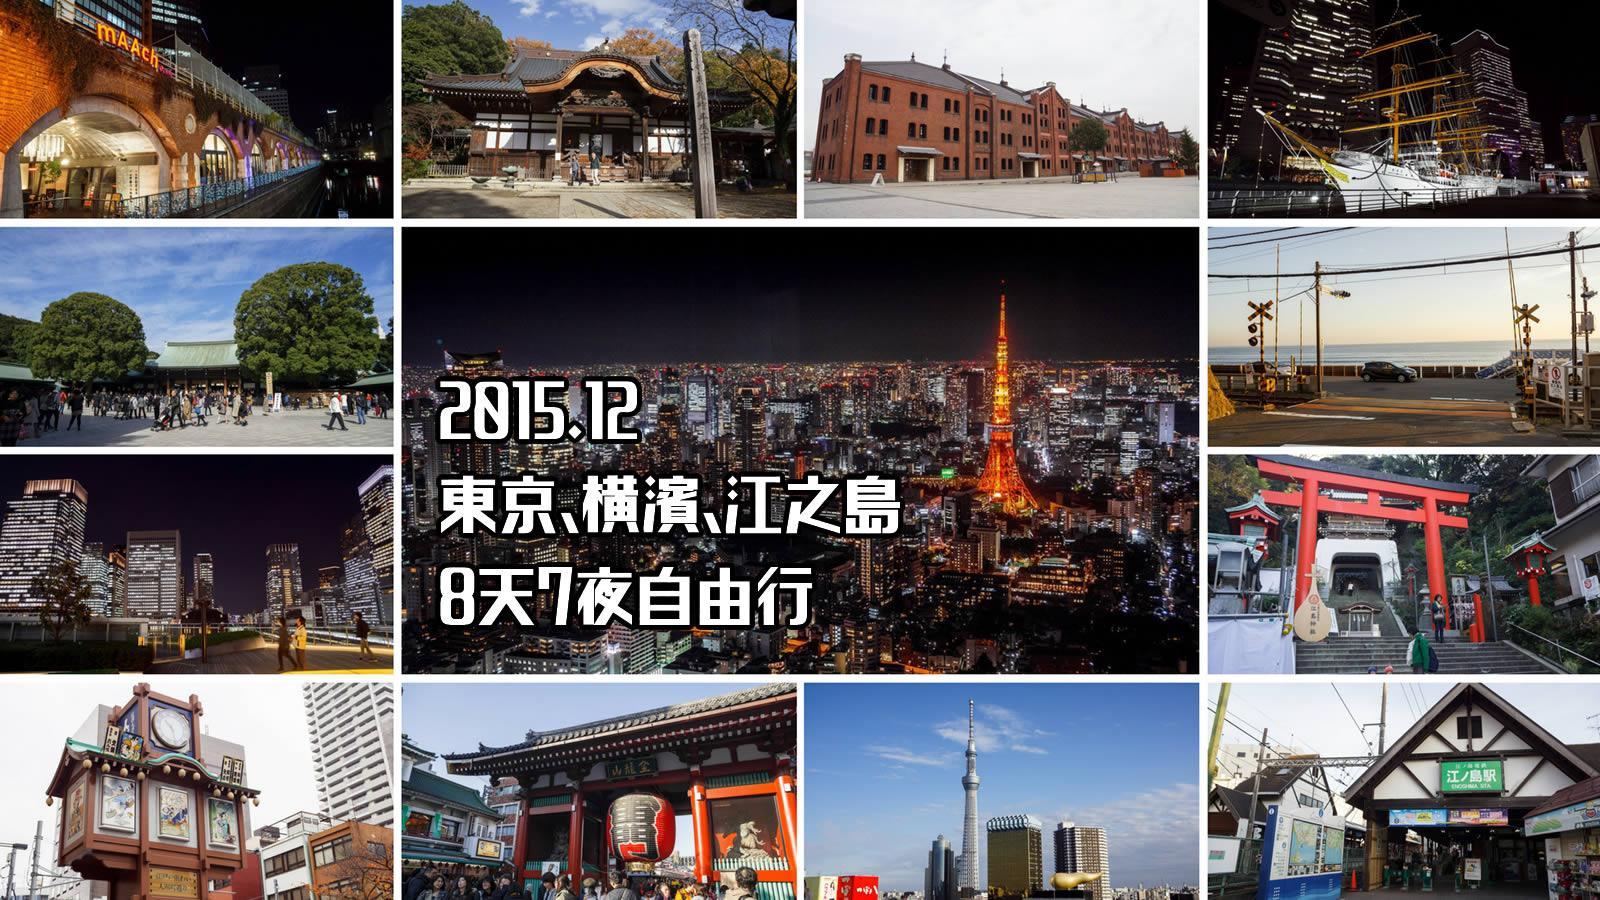 【日本旅遊】2015 東京、橫濱、江之島 8天7夜自由行 》行程整理與資訊分享 1